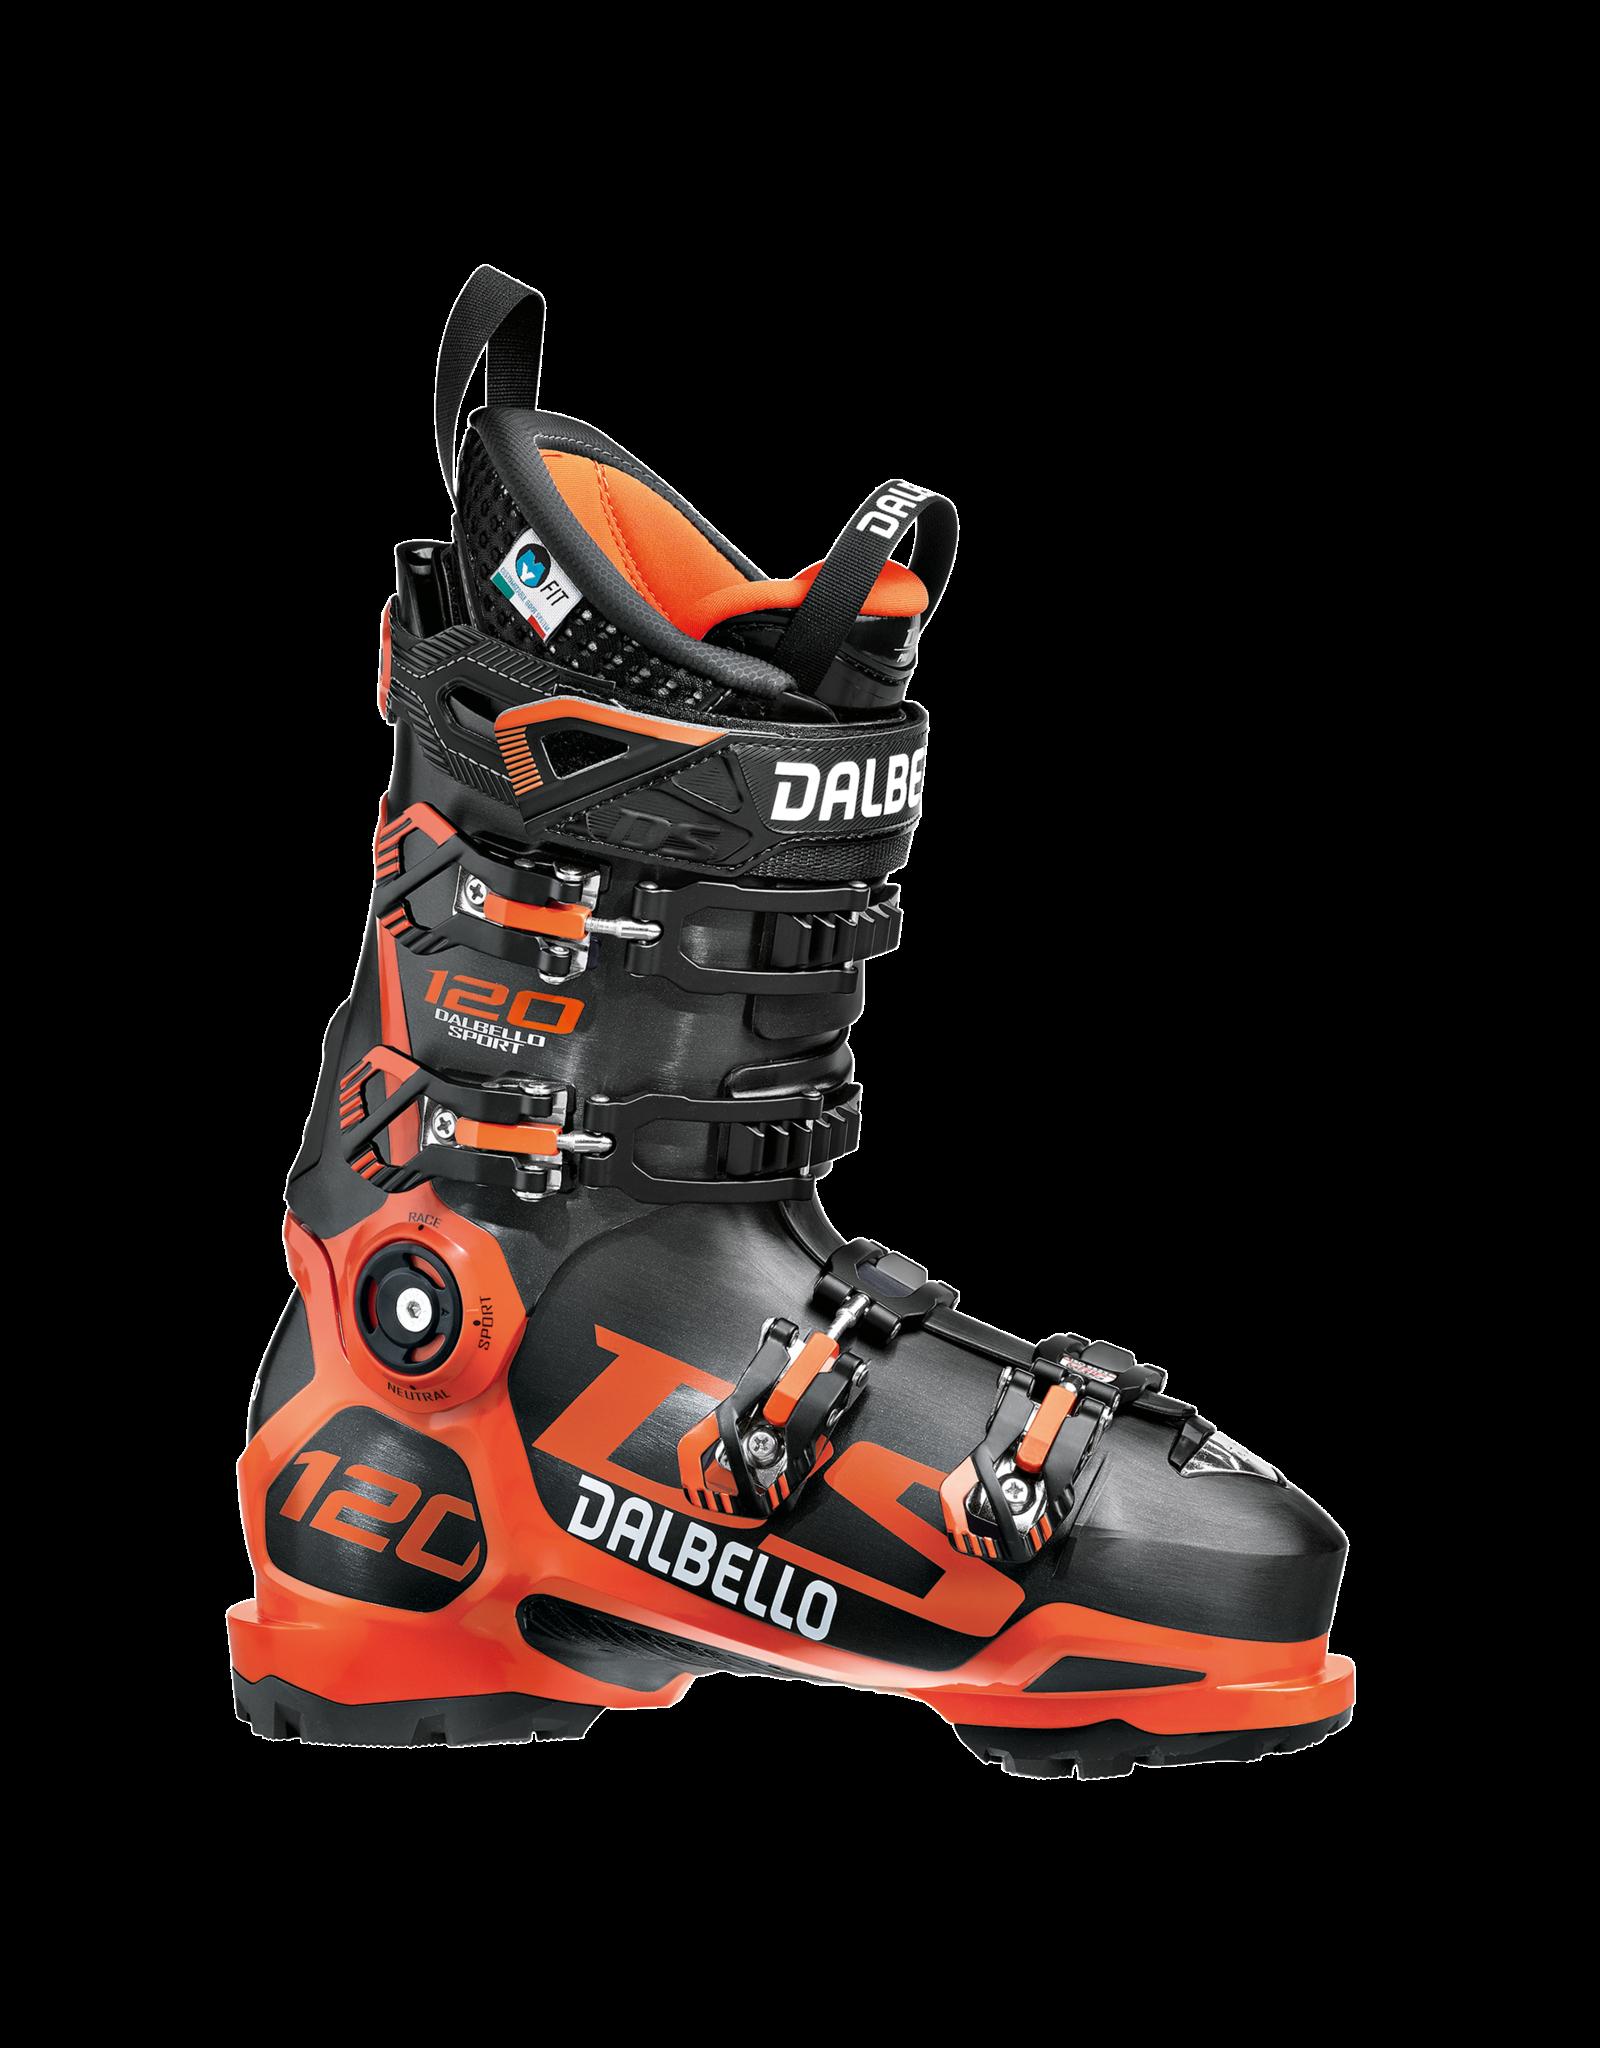 Dalbello DALBELLO M DS 120 GW F18